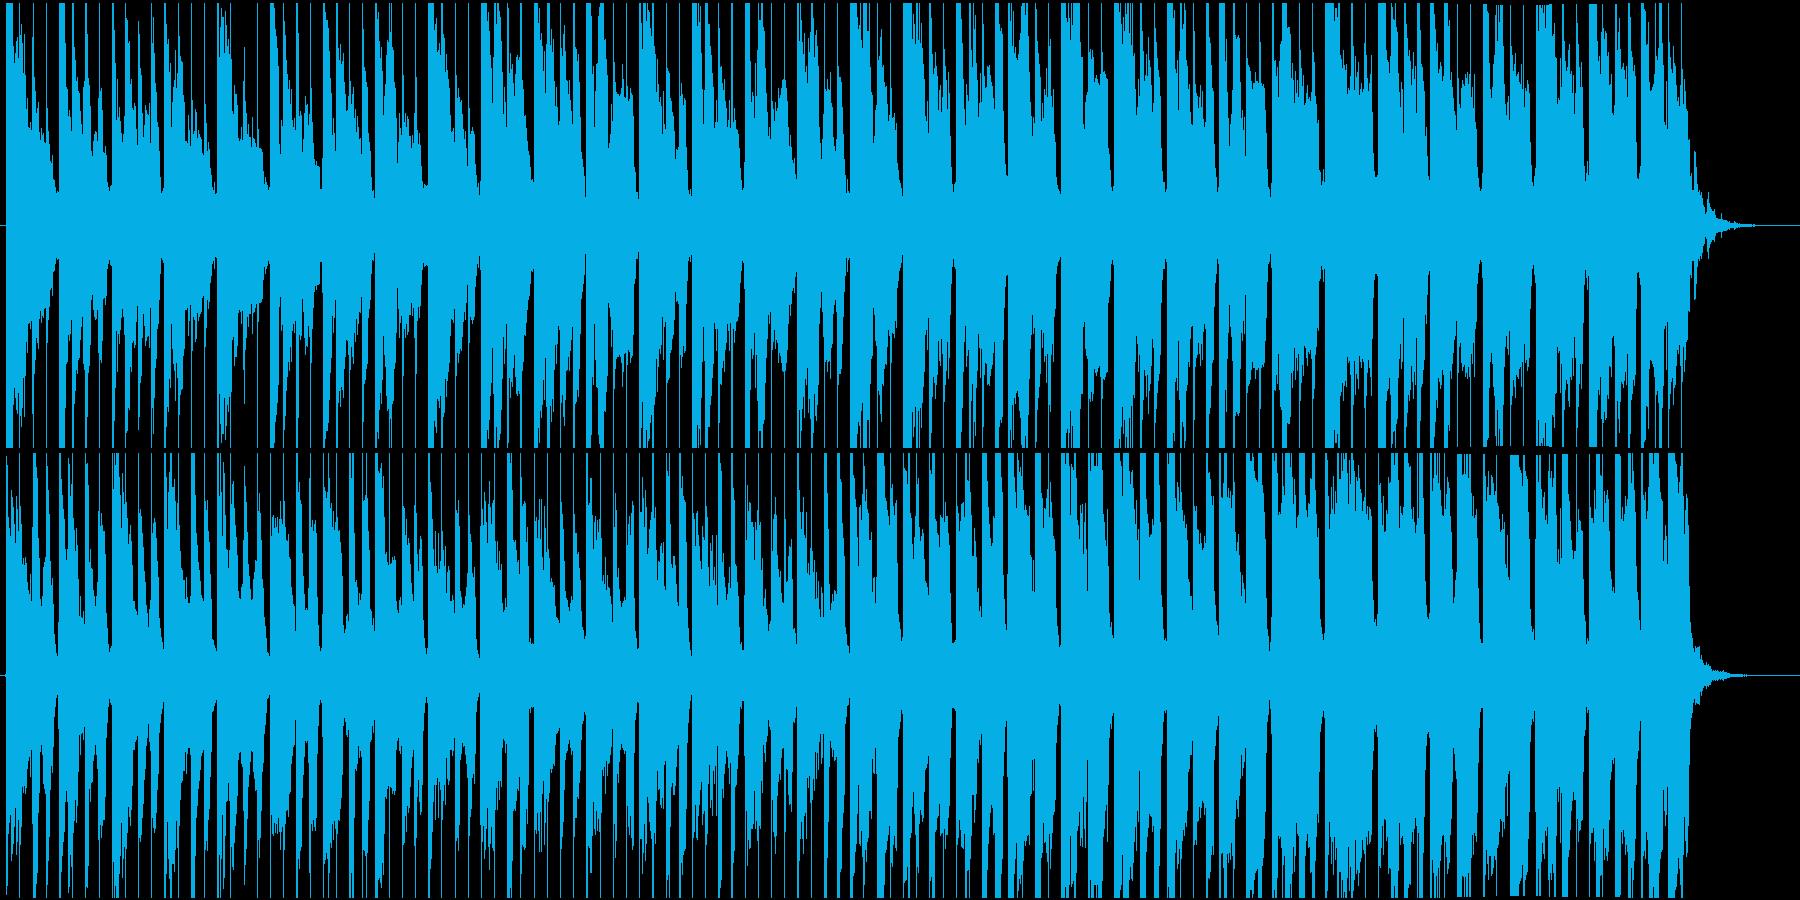 キュートでポップな楽しい気分になる1曲の再生済みの波形